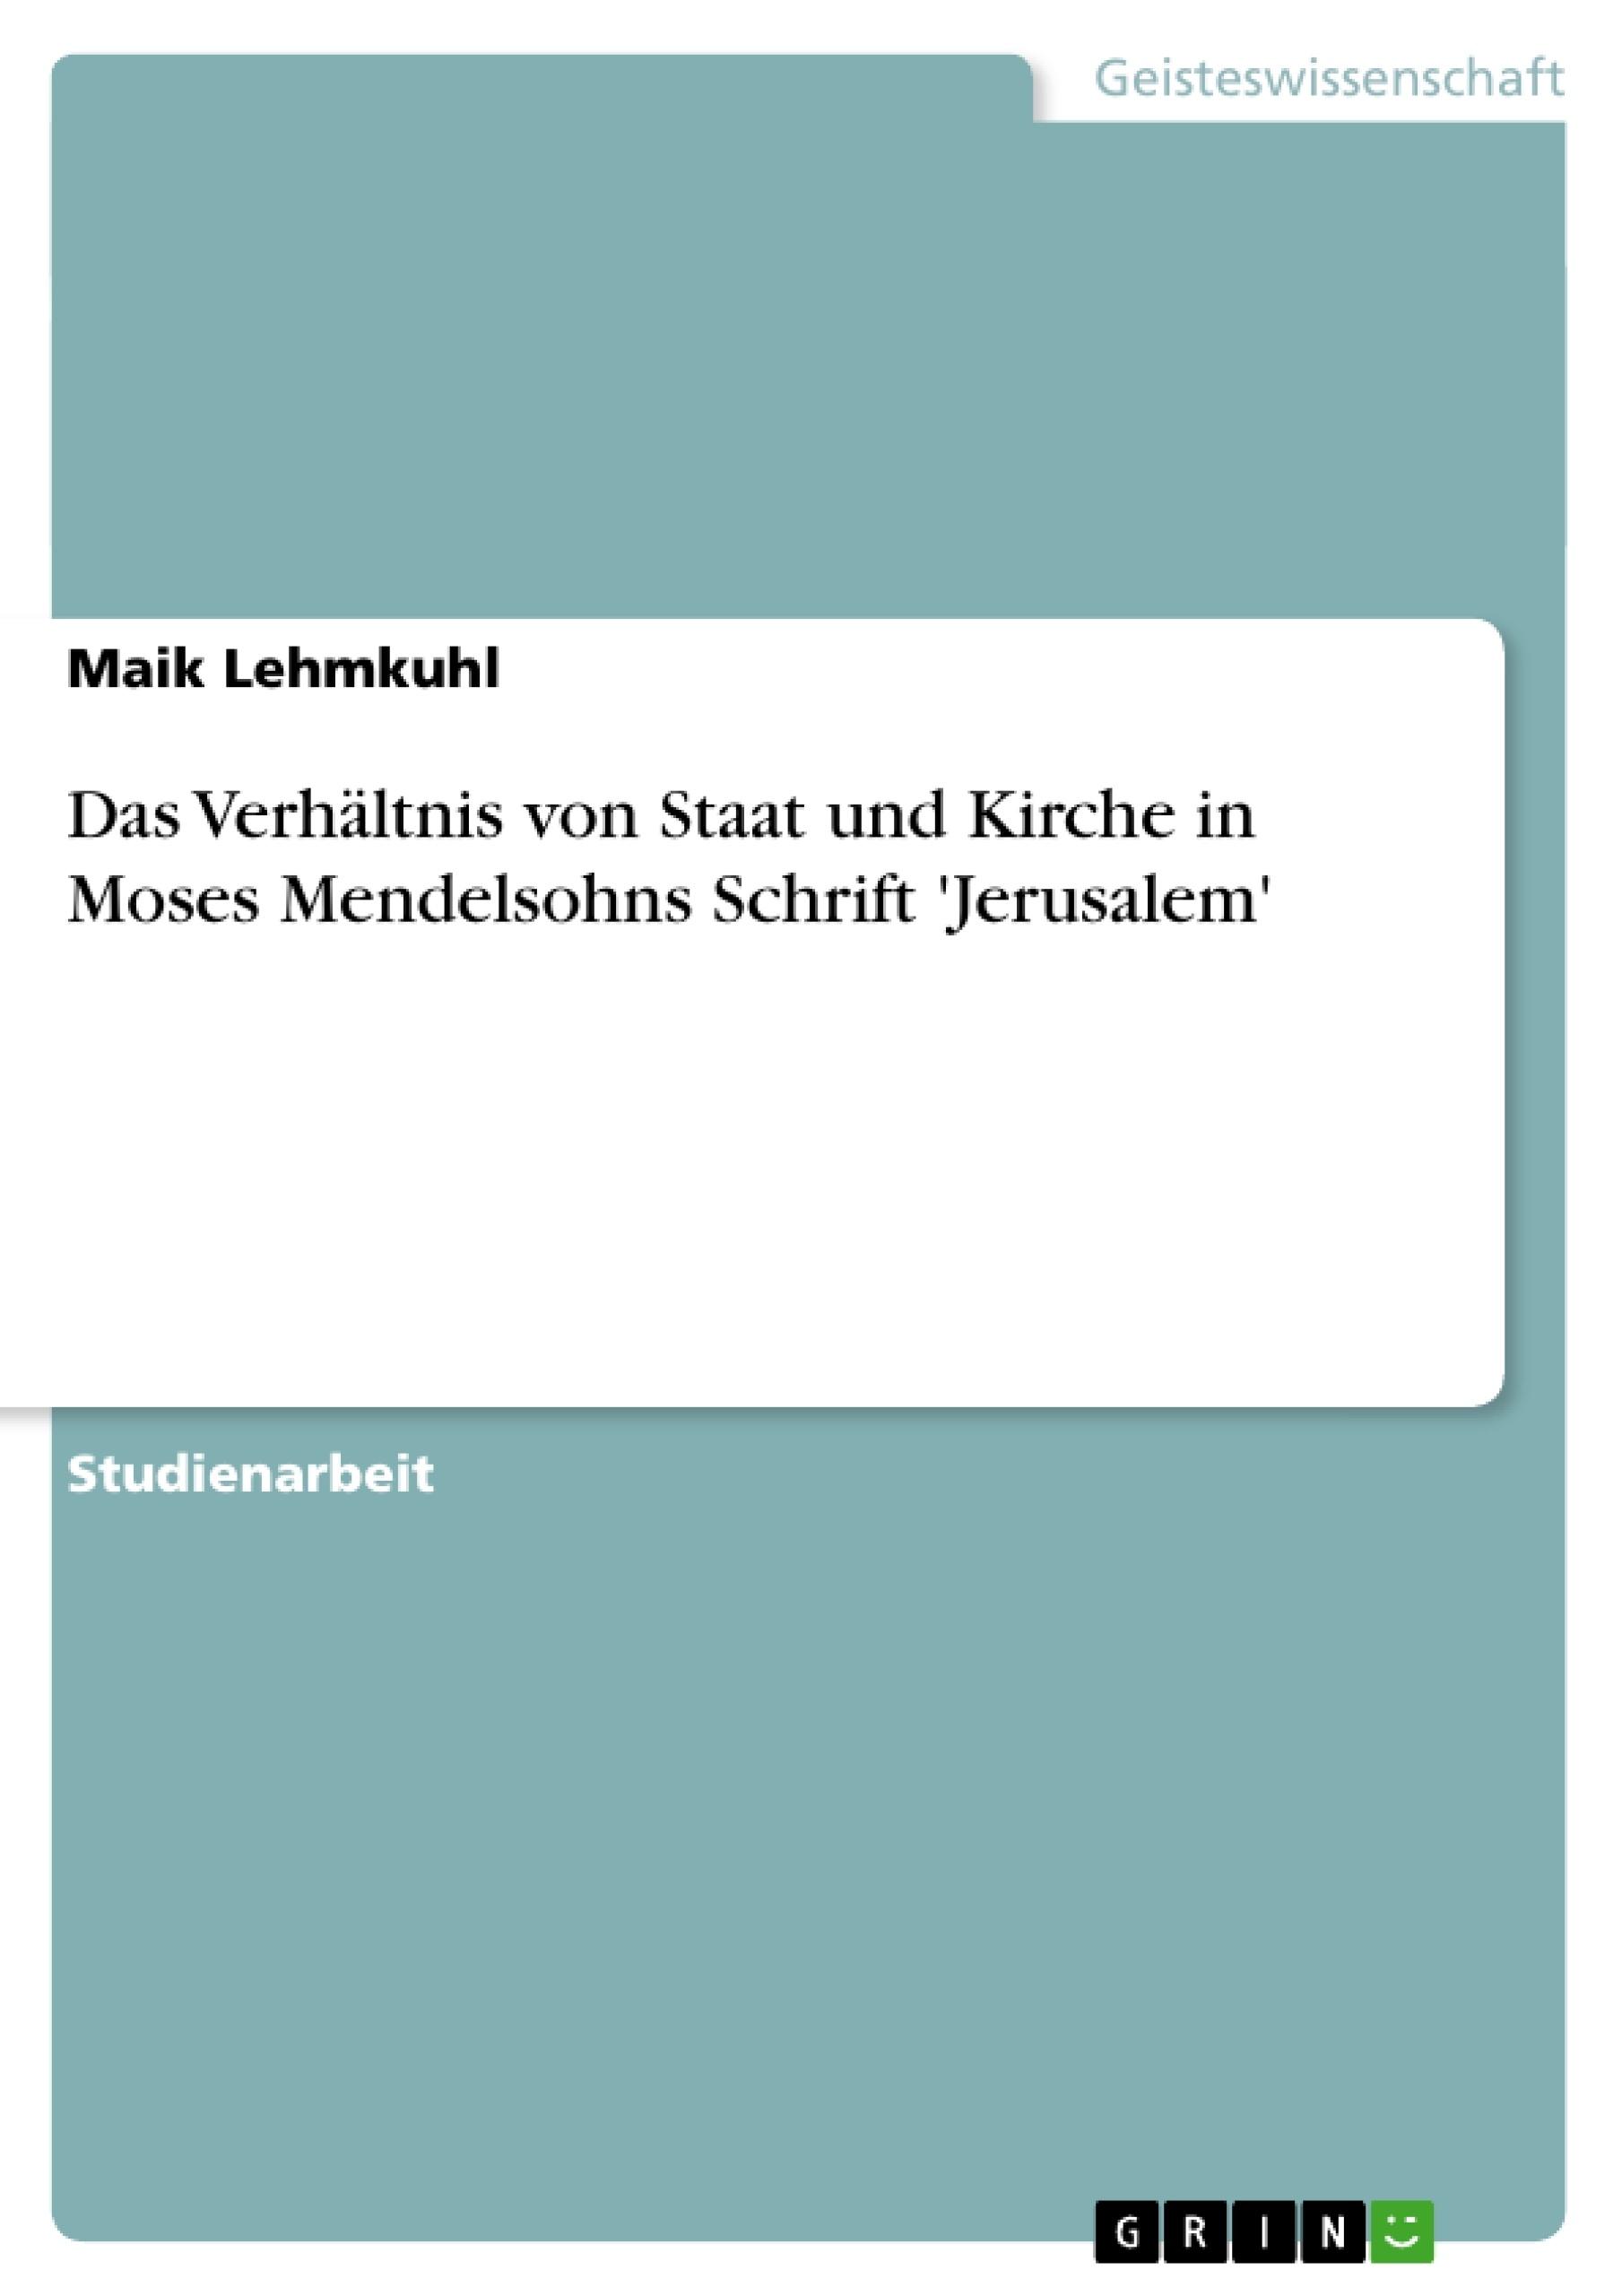 Titel: Das Verhältnis von Staat und Kirche in Moses Mendelsohns Schrift 'Jerusalem'